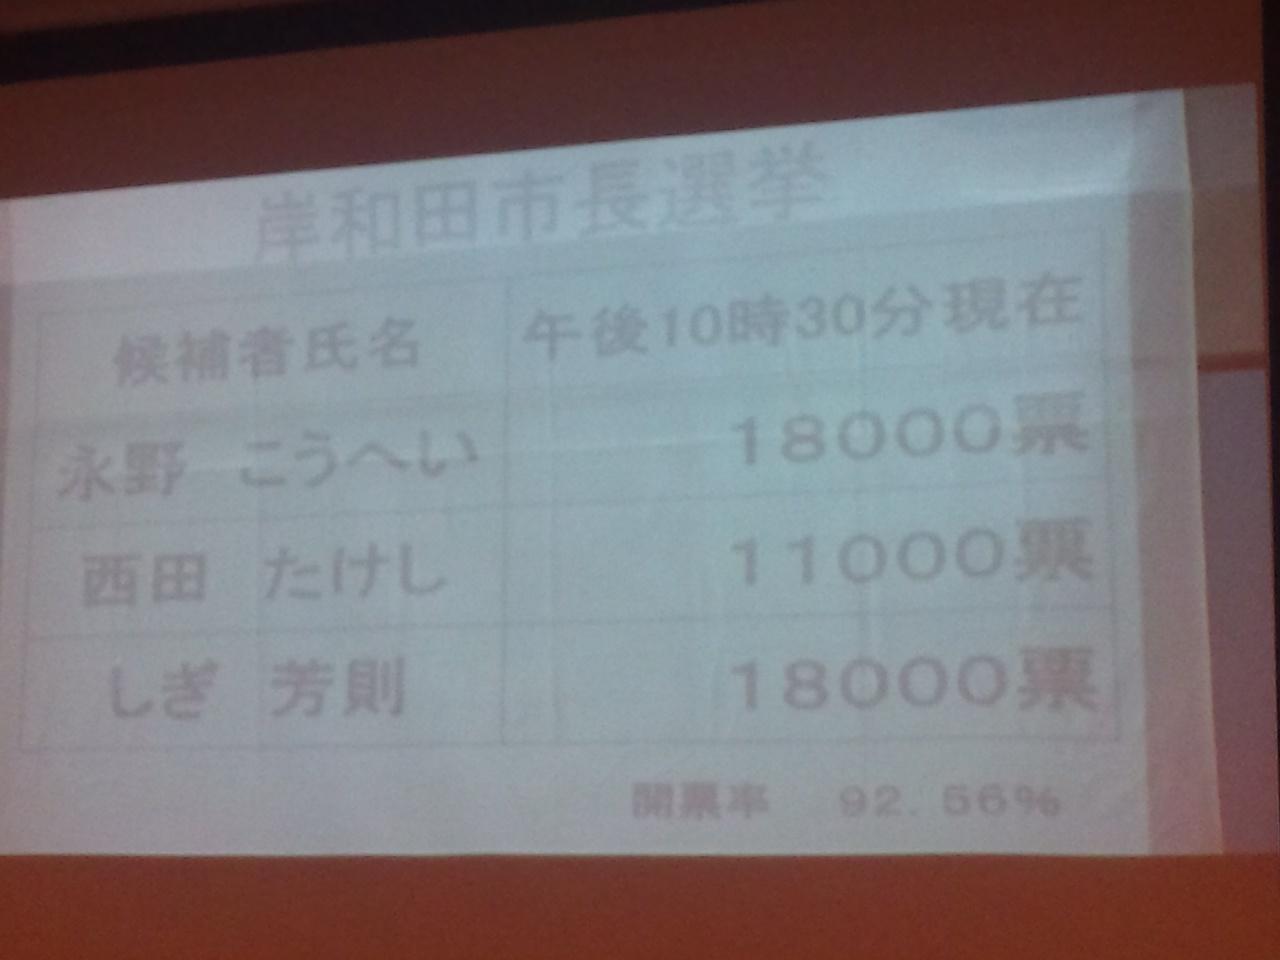 【岸和田市長選挙】永野18000VS<br />  信貴18000